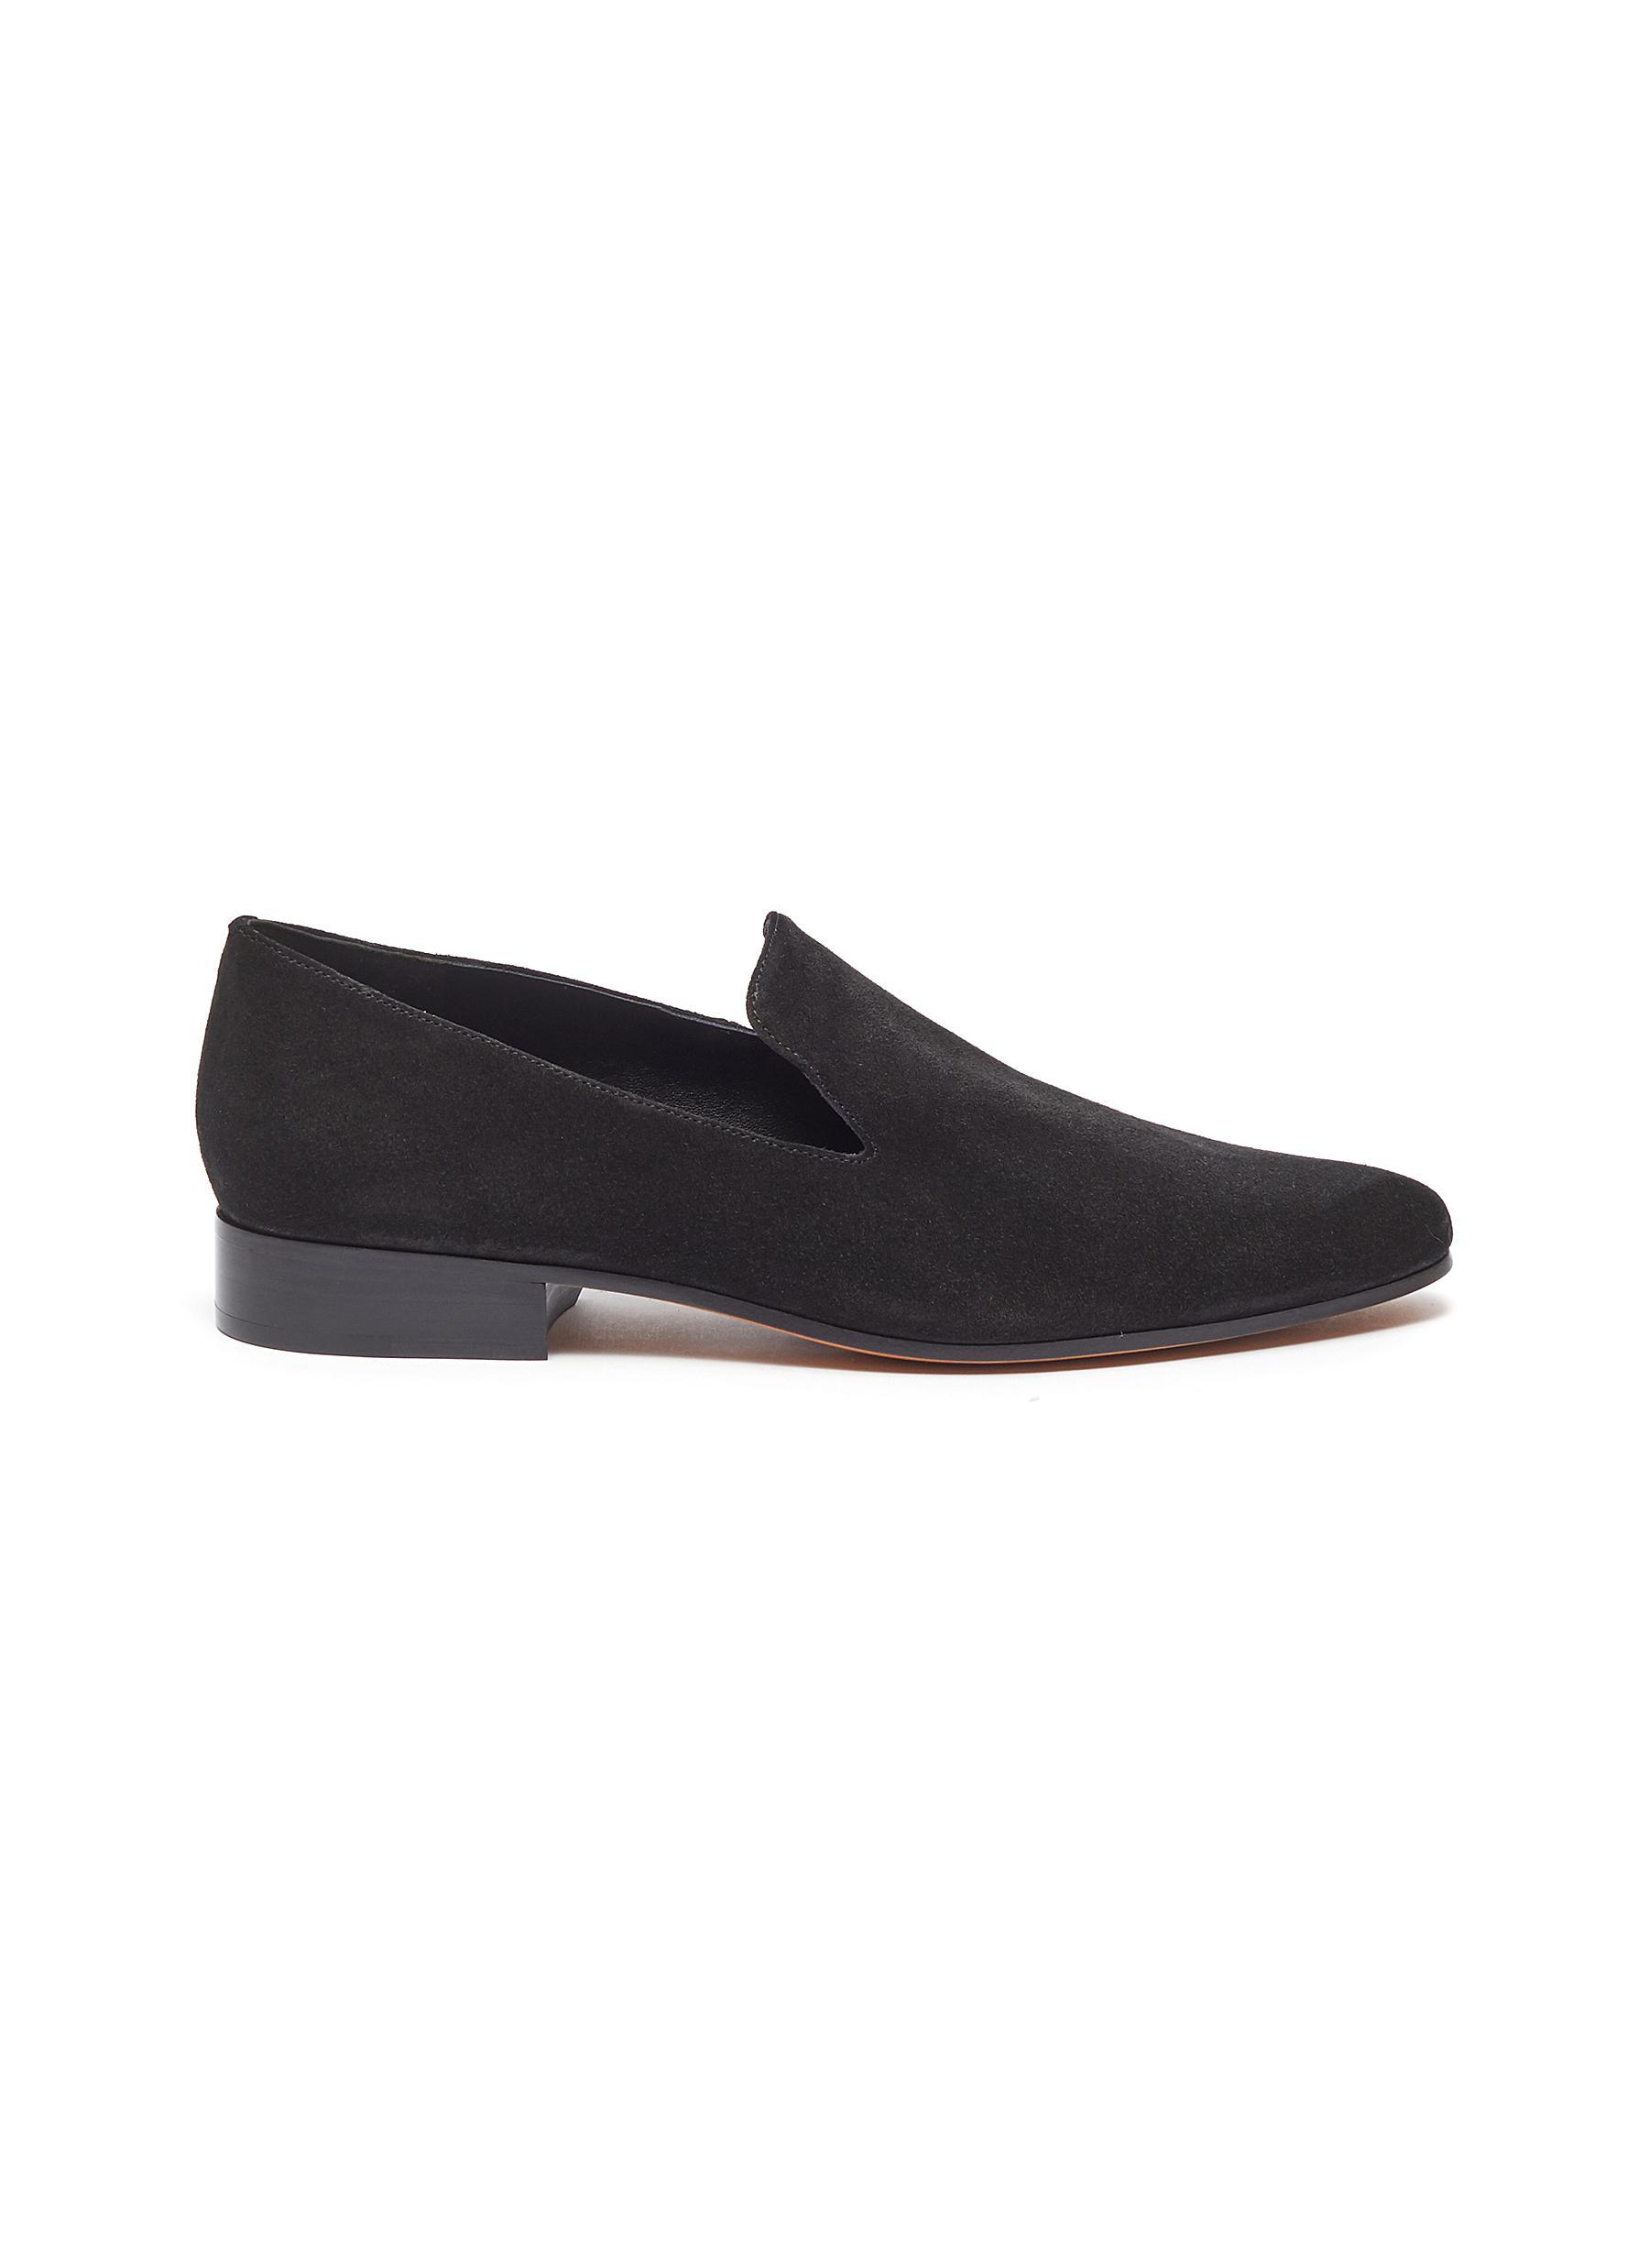 shop Vince 'Lela' suede flat loafers online